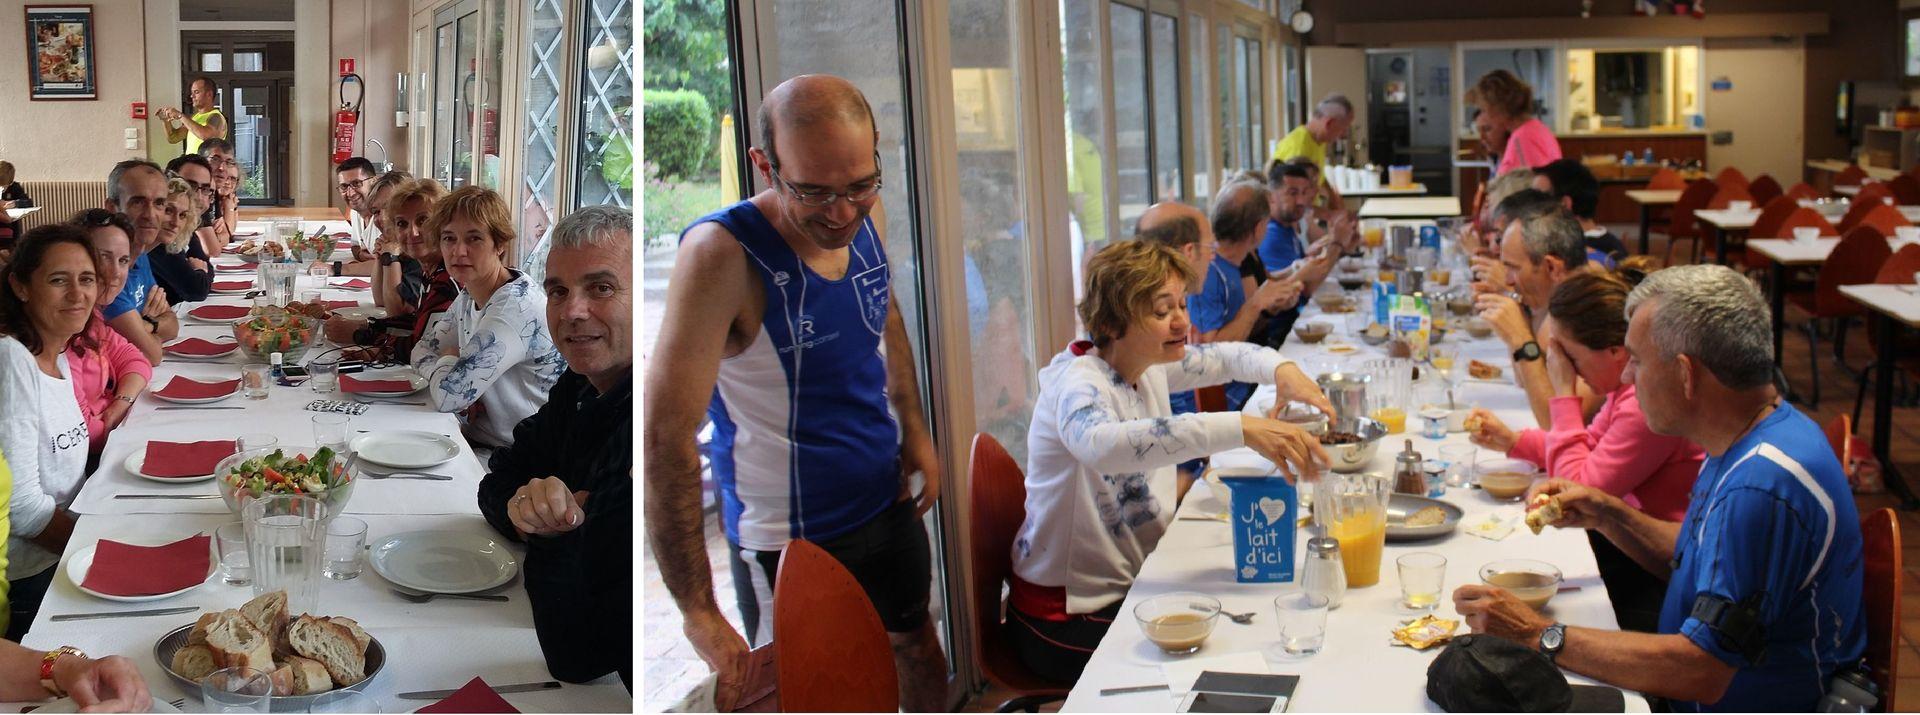 préparation calorique : diner et petit-déjeuner à l'auberge de jeunesse